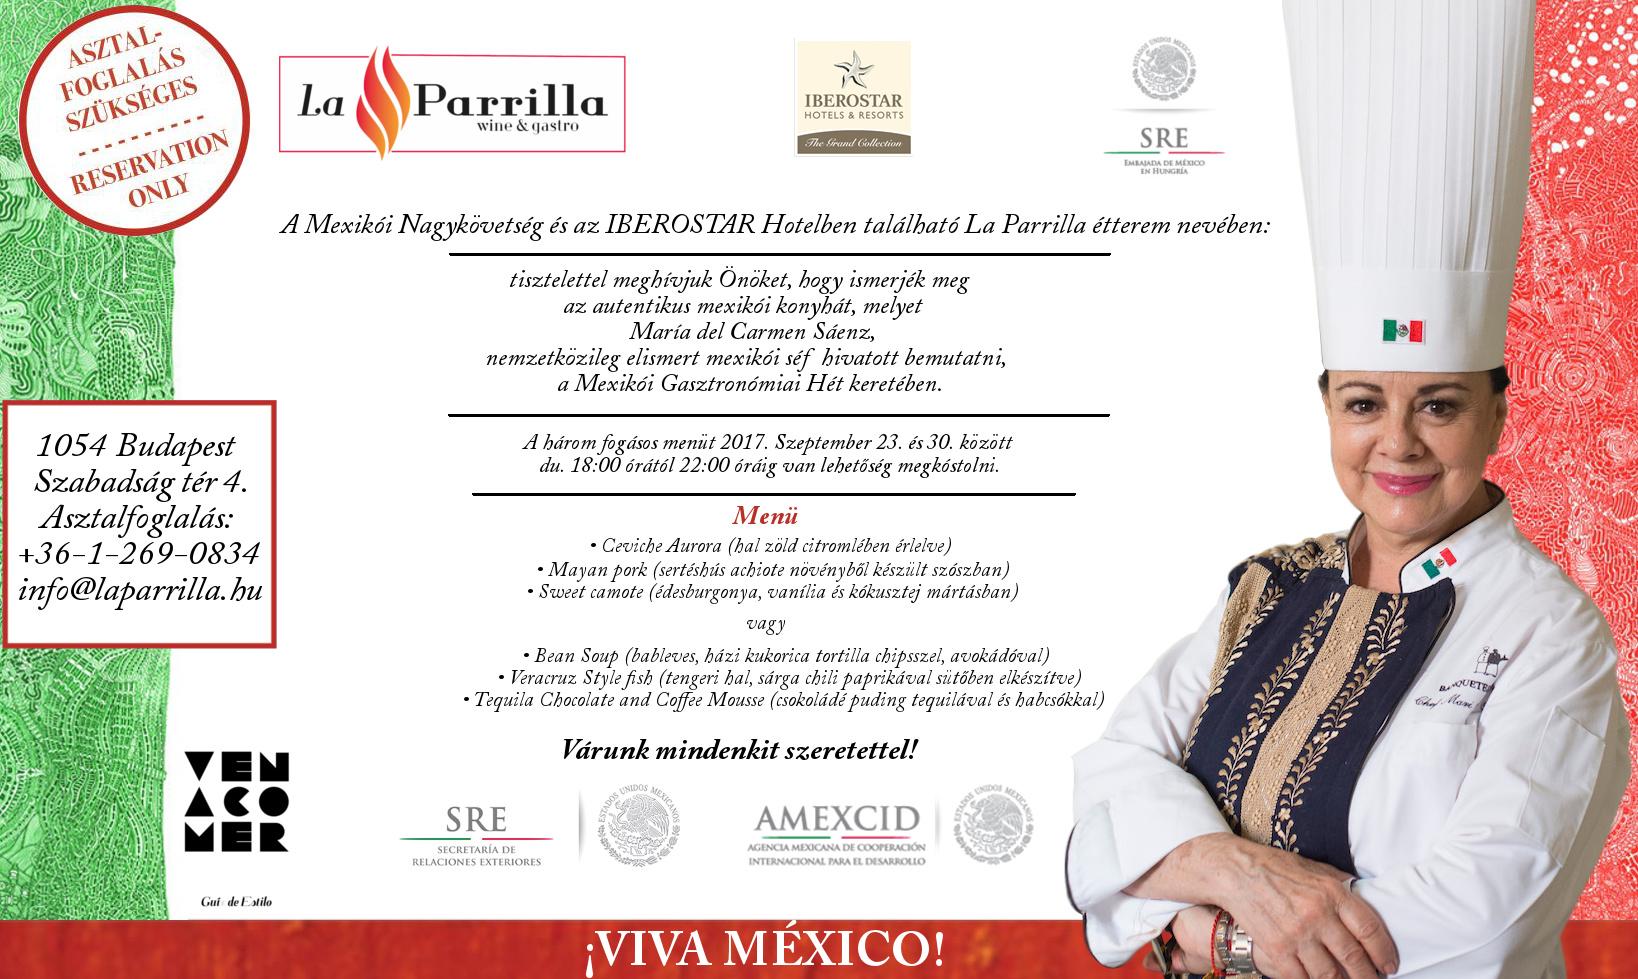 María del Carmen Sáenz - Mexikói Nagykövetség meghívó